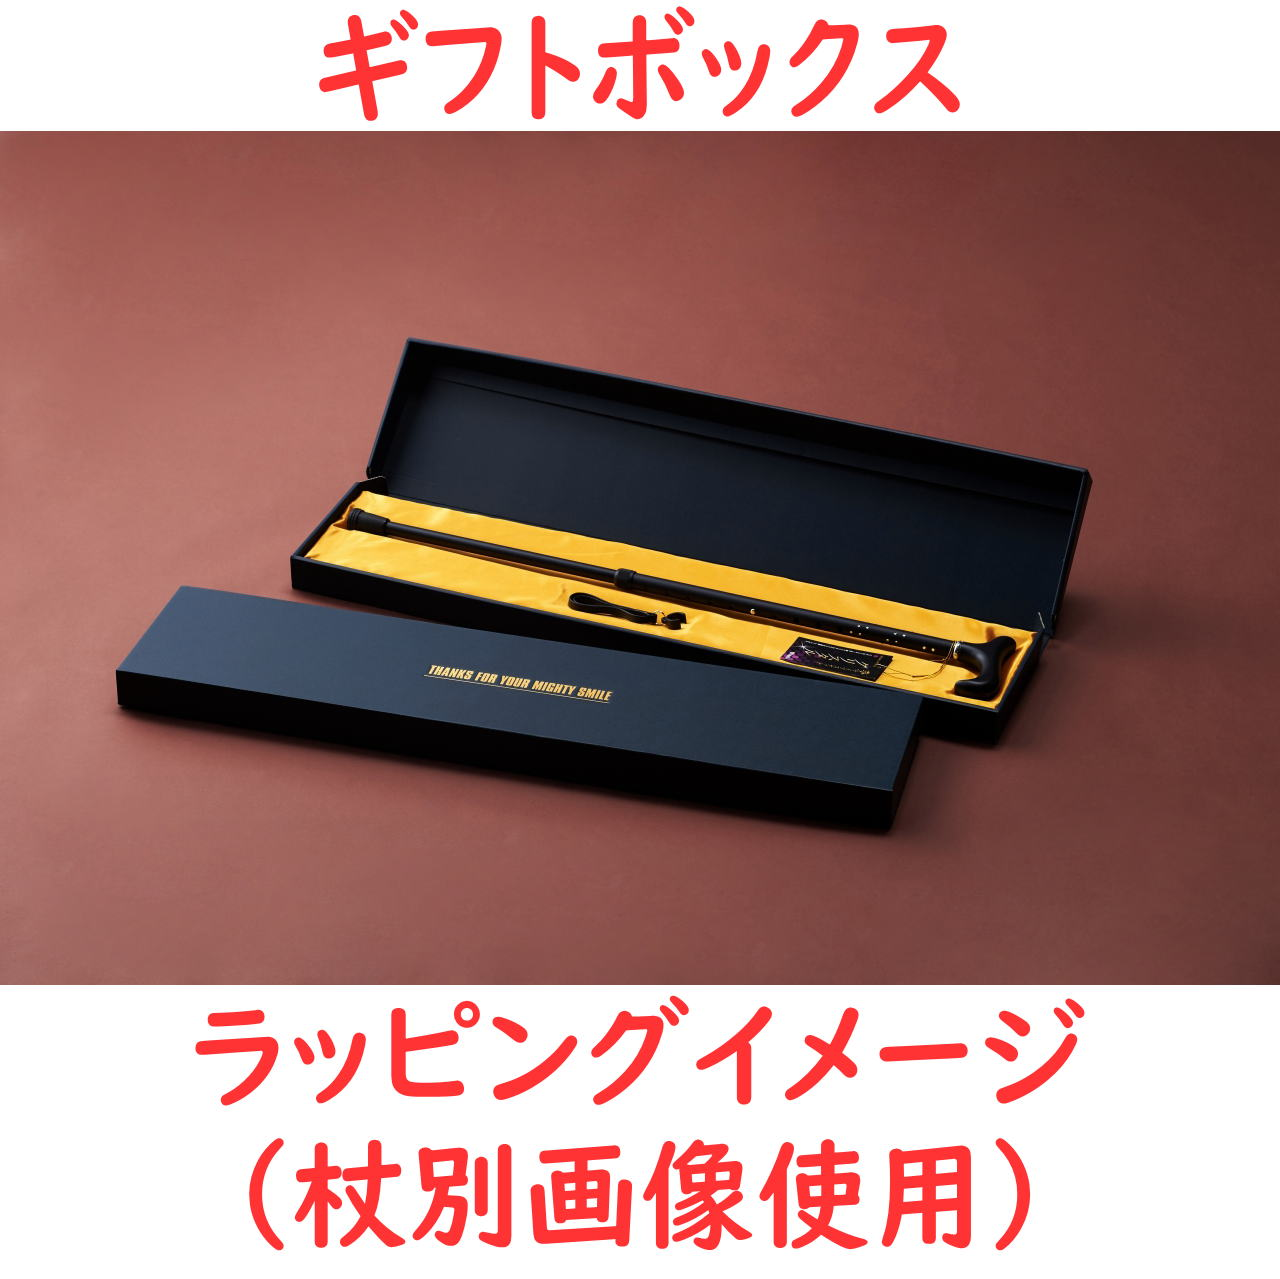 ☆ギフトボックス可☆ 夢ライフステッキ 折りたたみ伸縮型 ネイビー